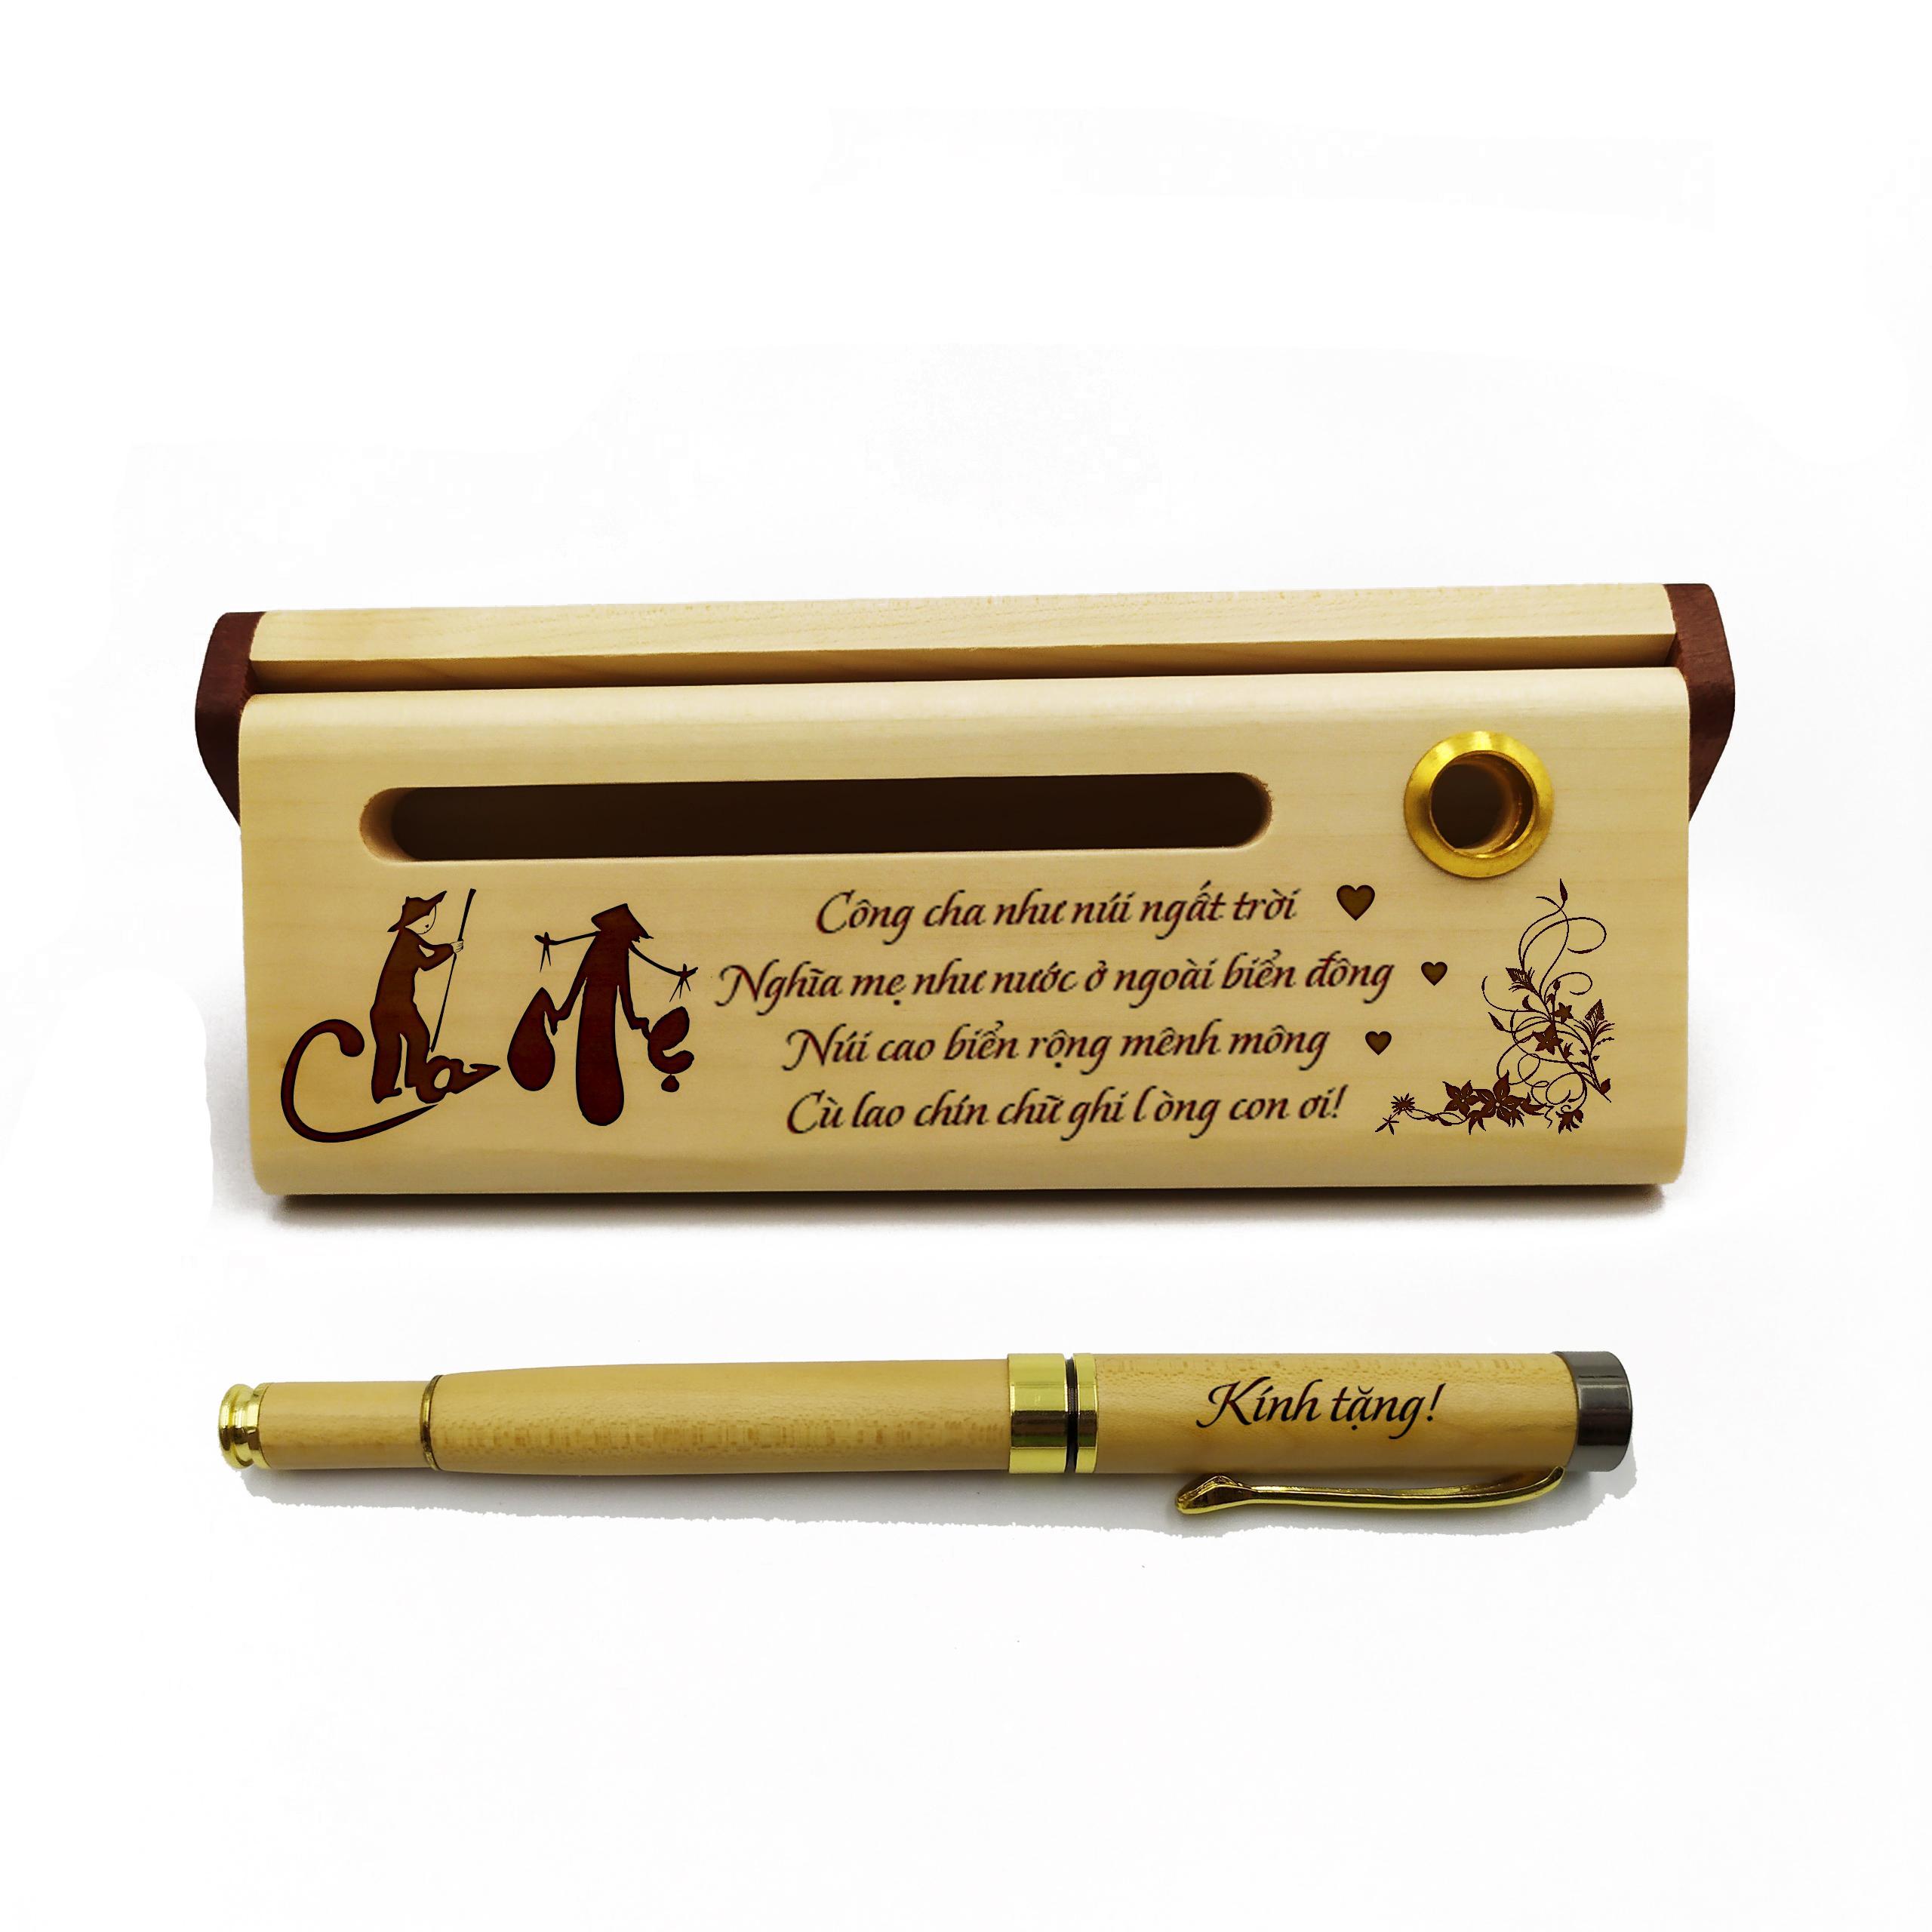 Bộ bút gỗ cao cấp tặng cha mẹ_mẫu 02 (Kèm hộp đựng sang trọng)